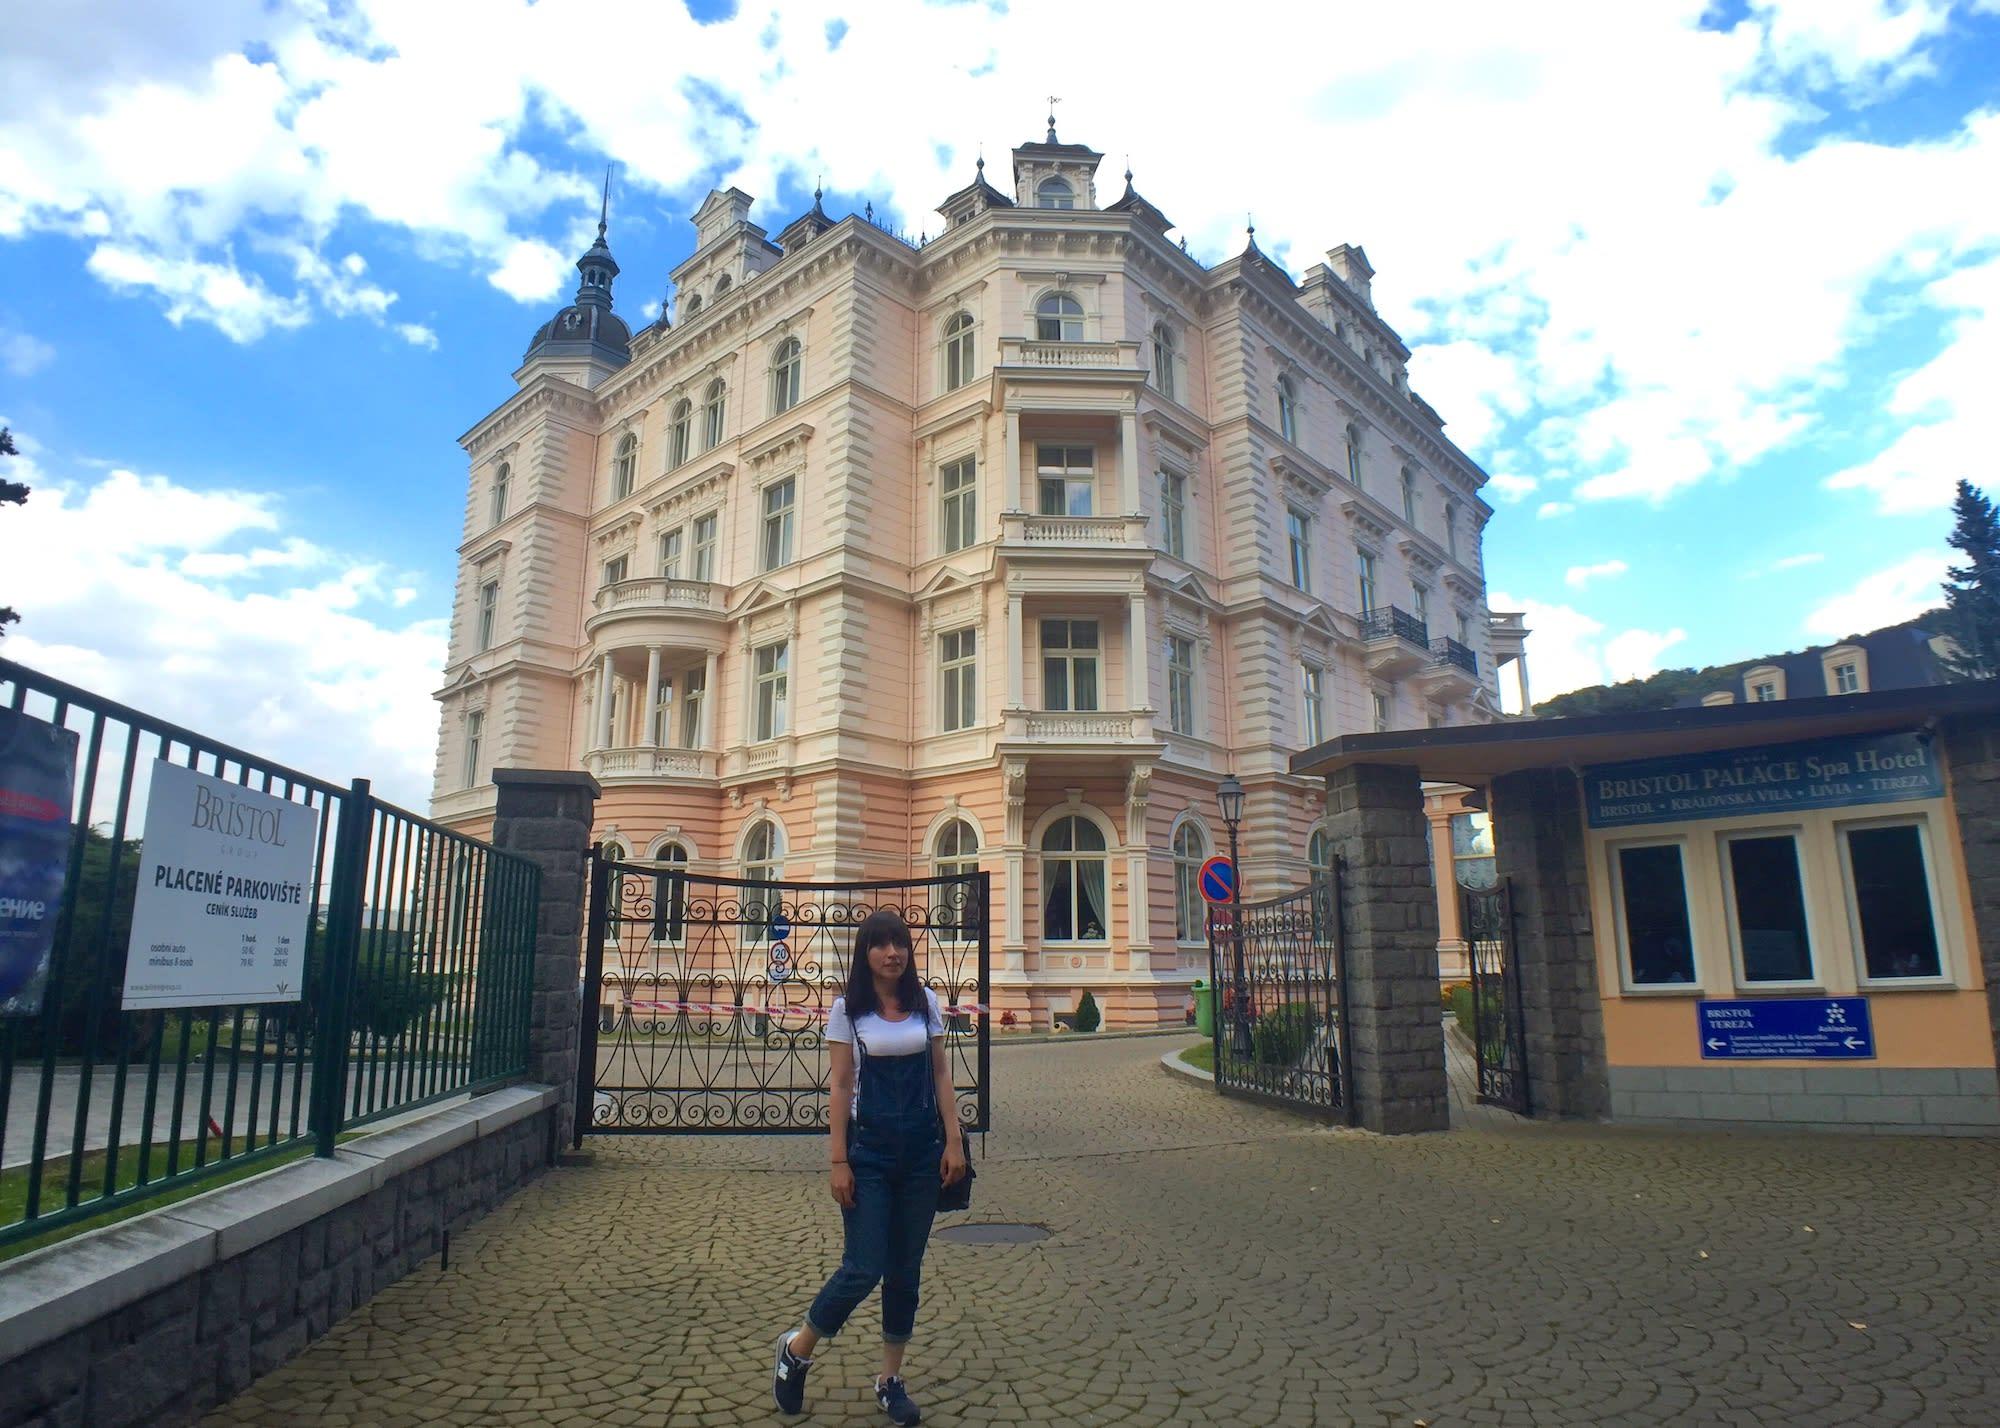 布達佩斯大飯店的參考範本之一Hotel Bristol Palace。Photographer | Serina Su